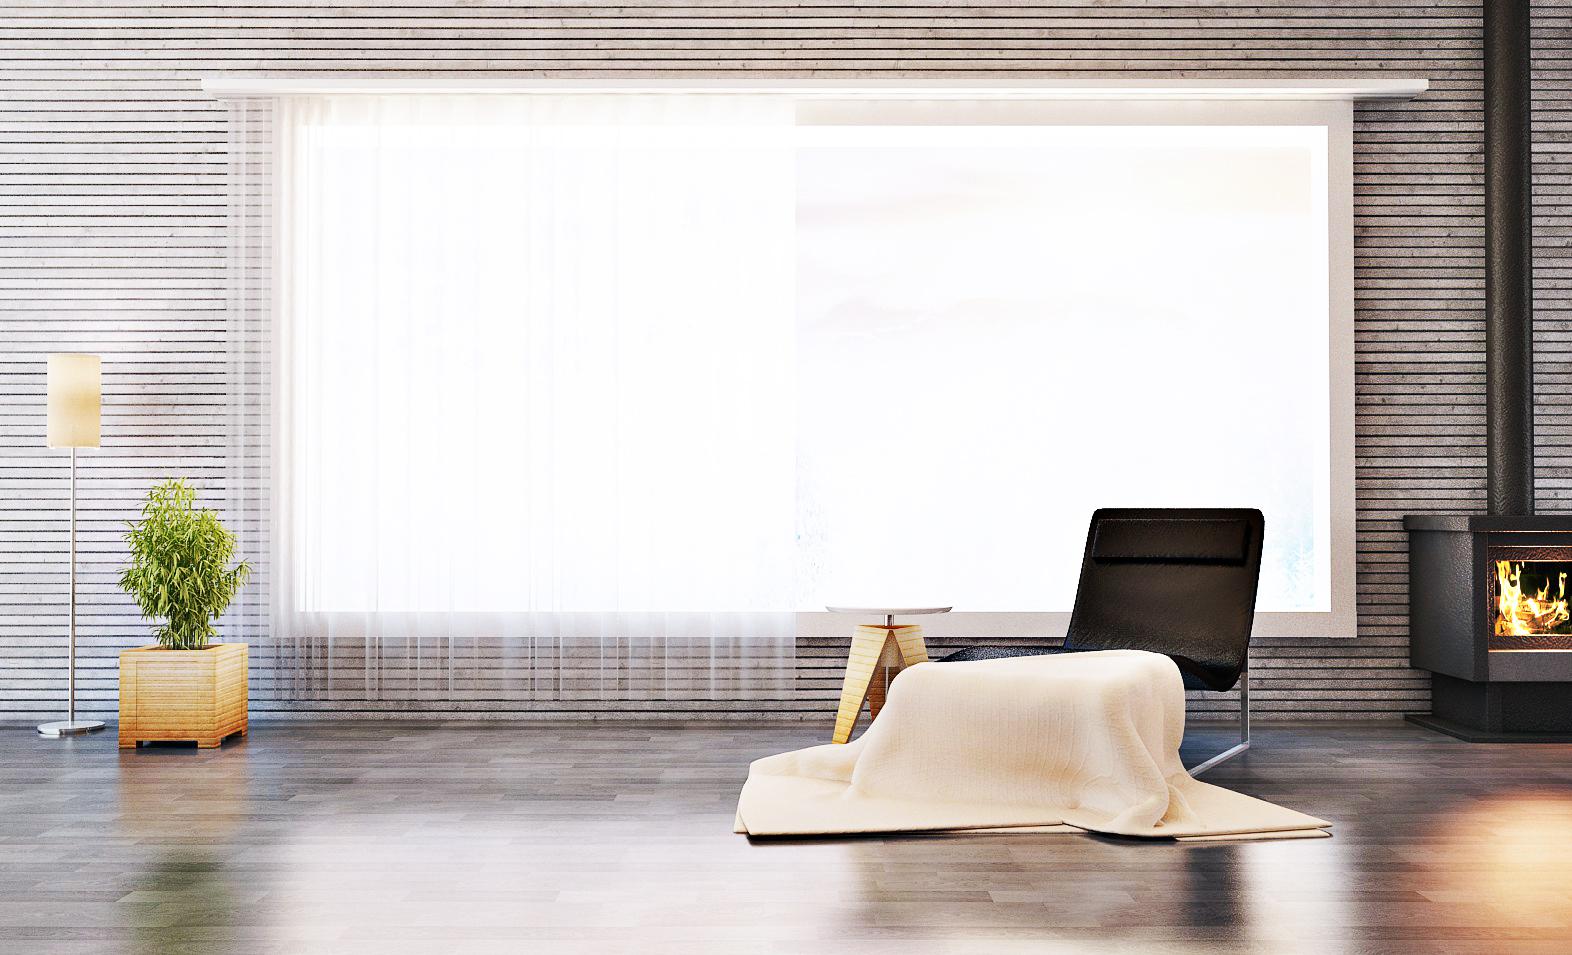 Vray Day interior Scene  by EmilioEx on DeviantArt